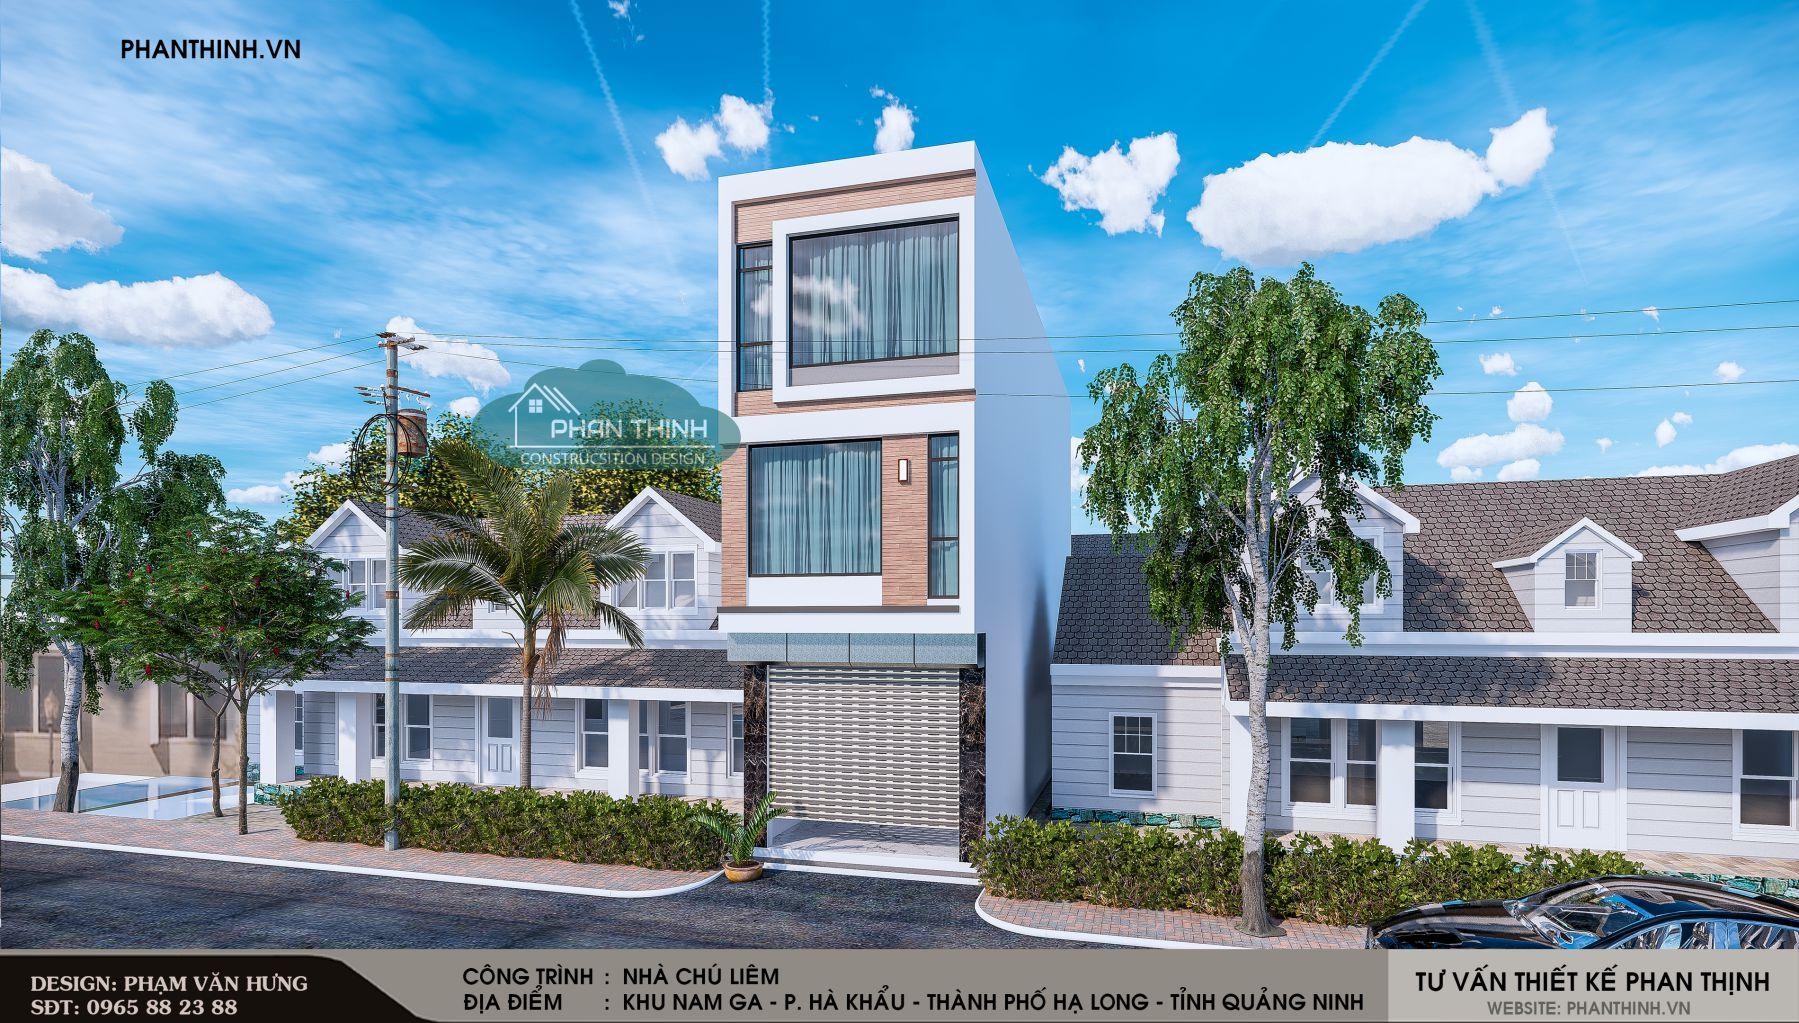 Phương án thiết kế số 01 của căn nhà ống 3 tầng tại Quảng Ninh.